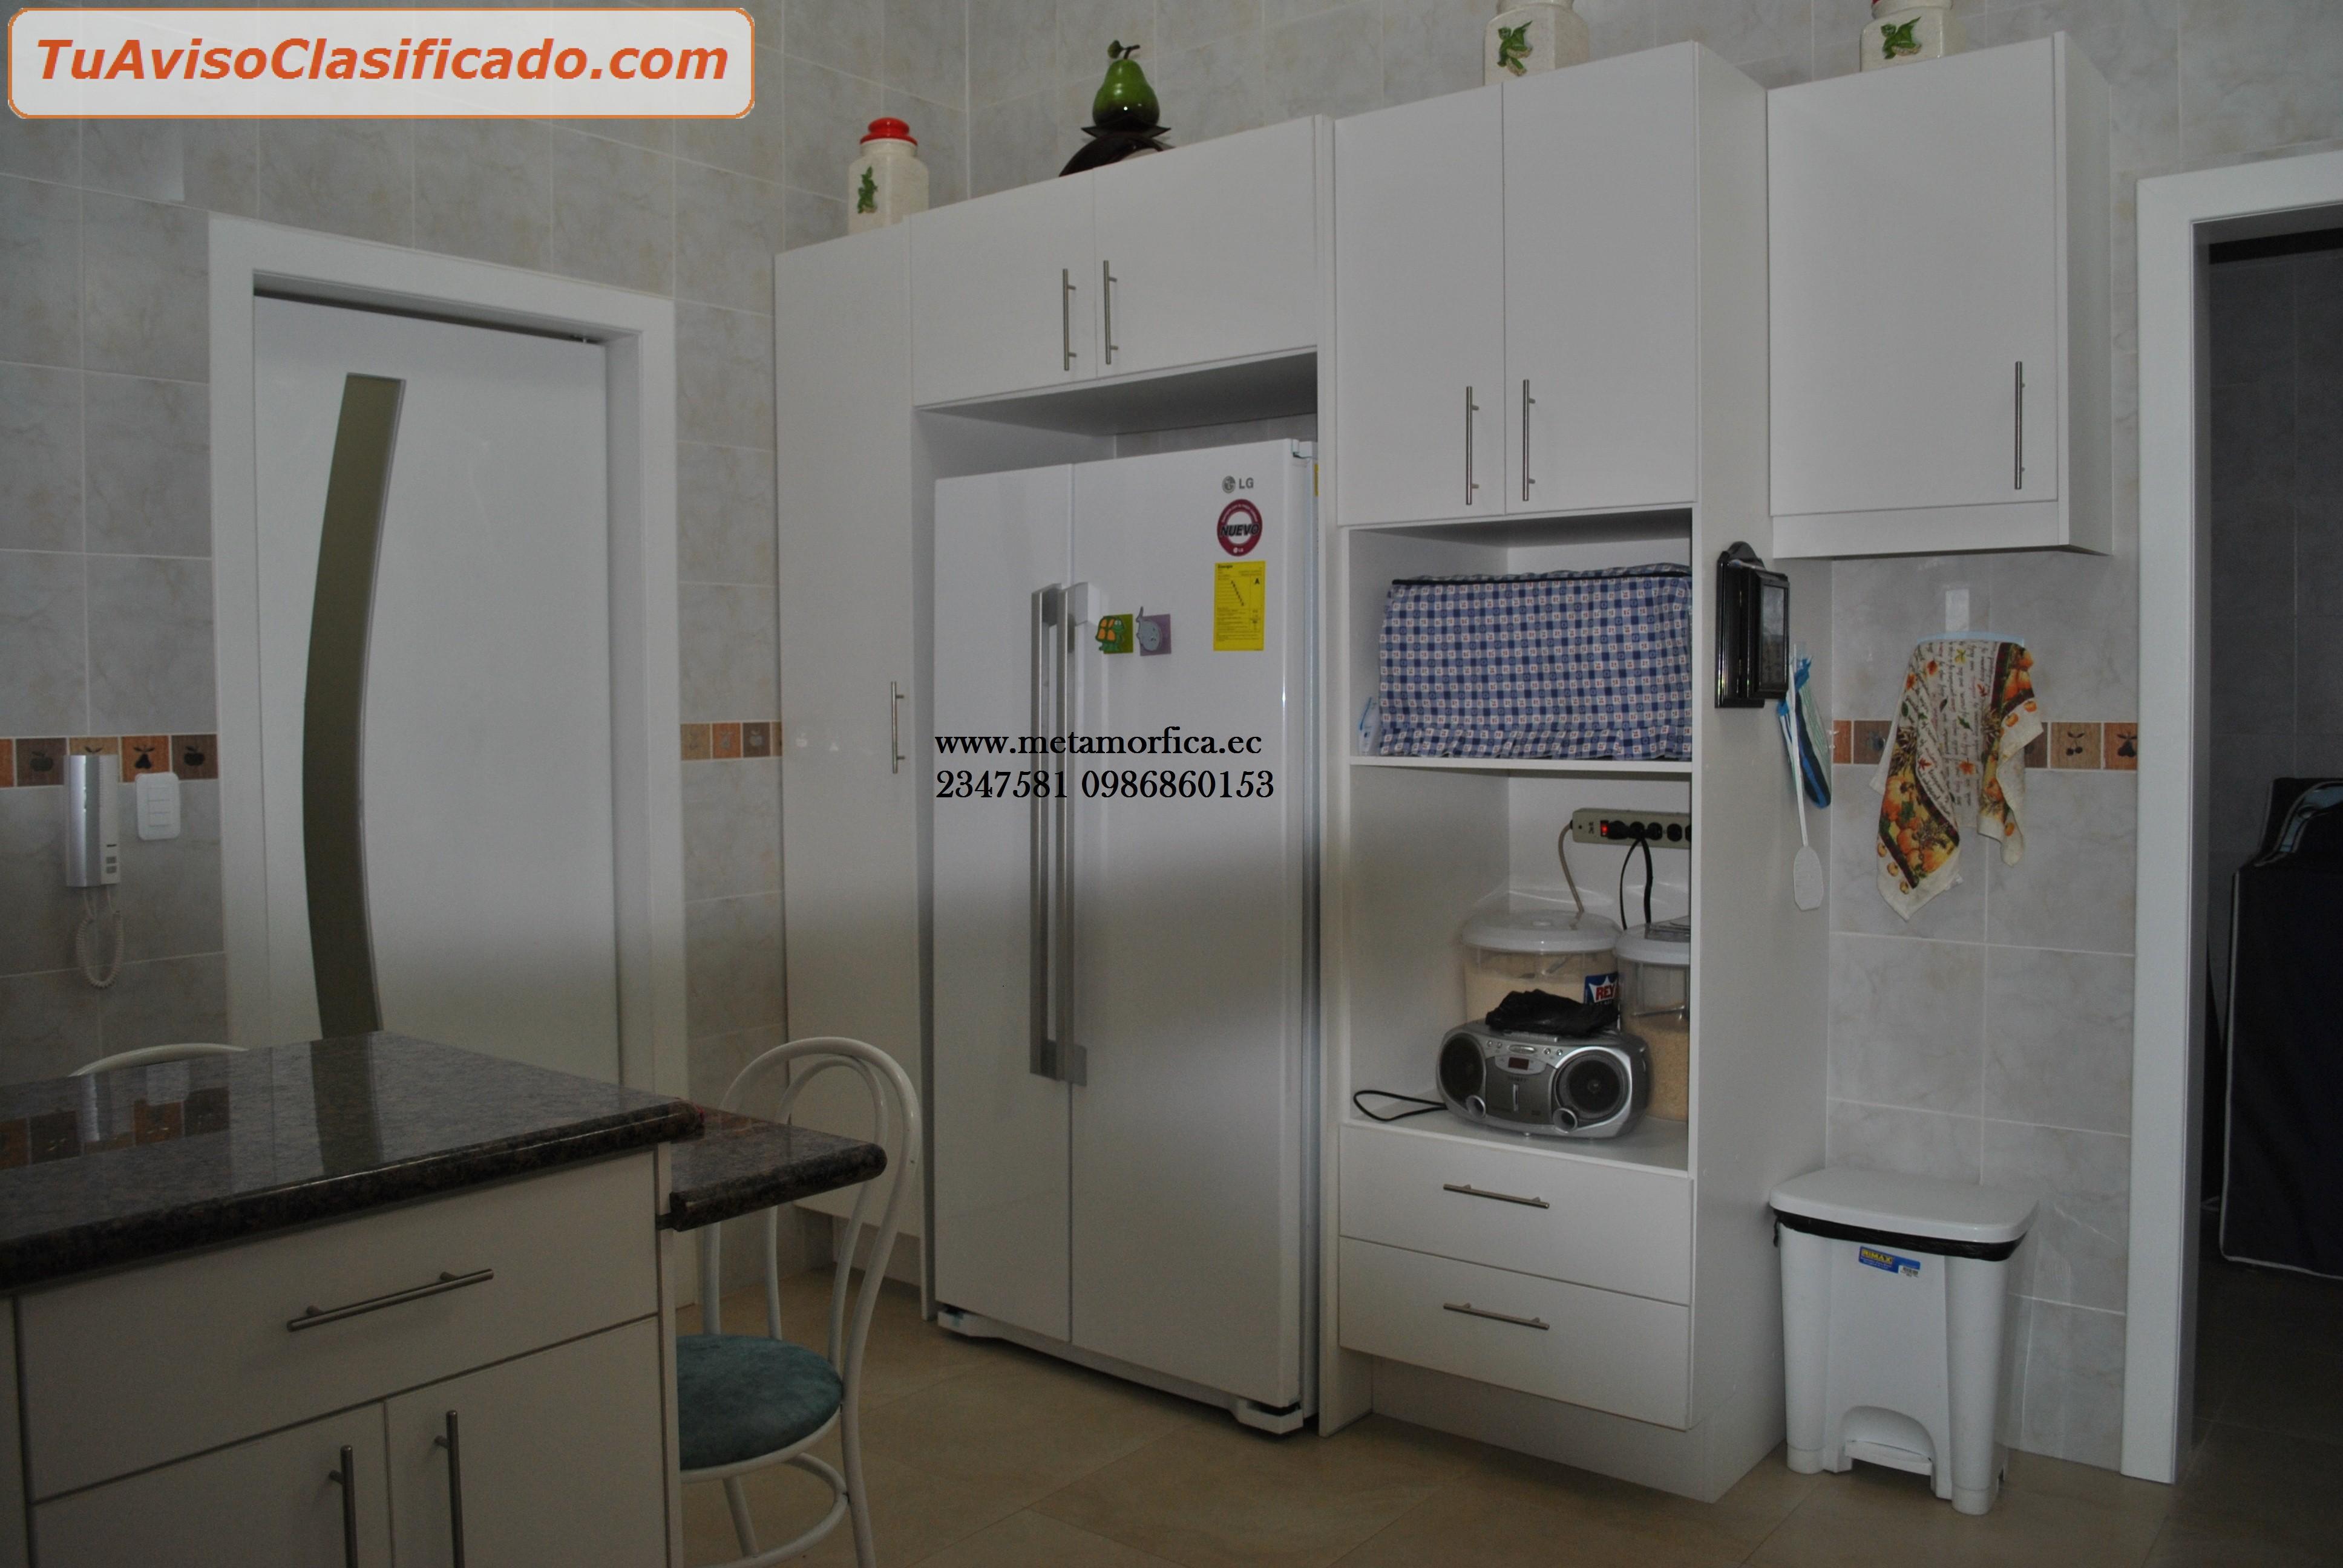 Marmoles maderas y granitos mobiliario y equipamiento cocin - Granitos y marmoles cocinas ...